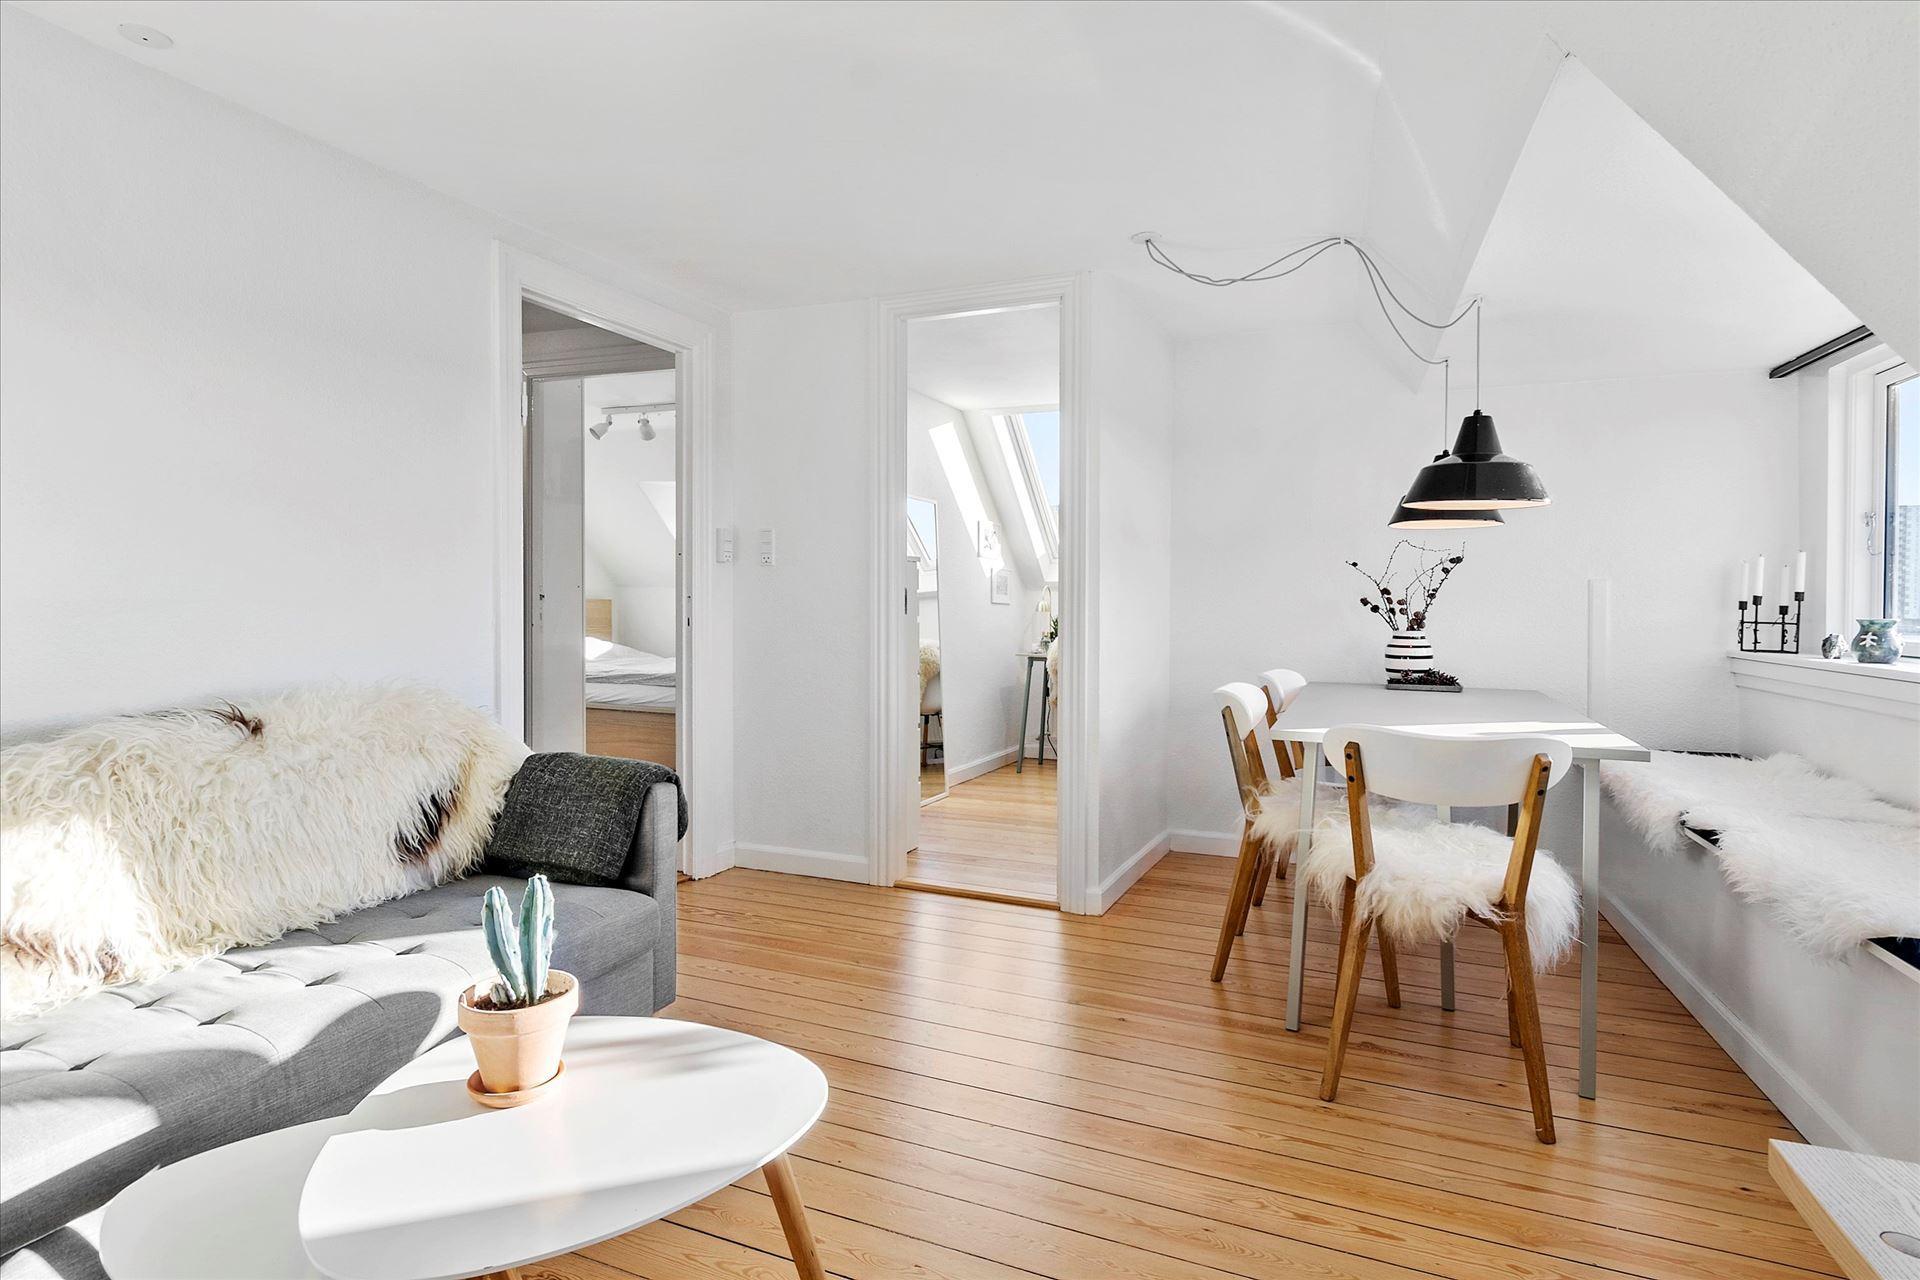 Vestre Ringgade 41 3 tv, 8000 Aarhus C